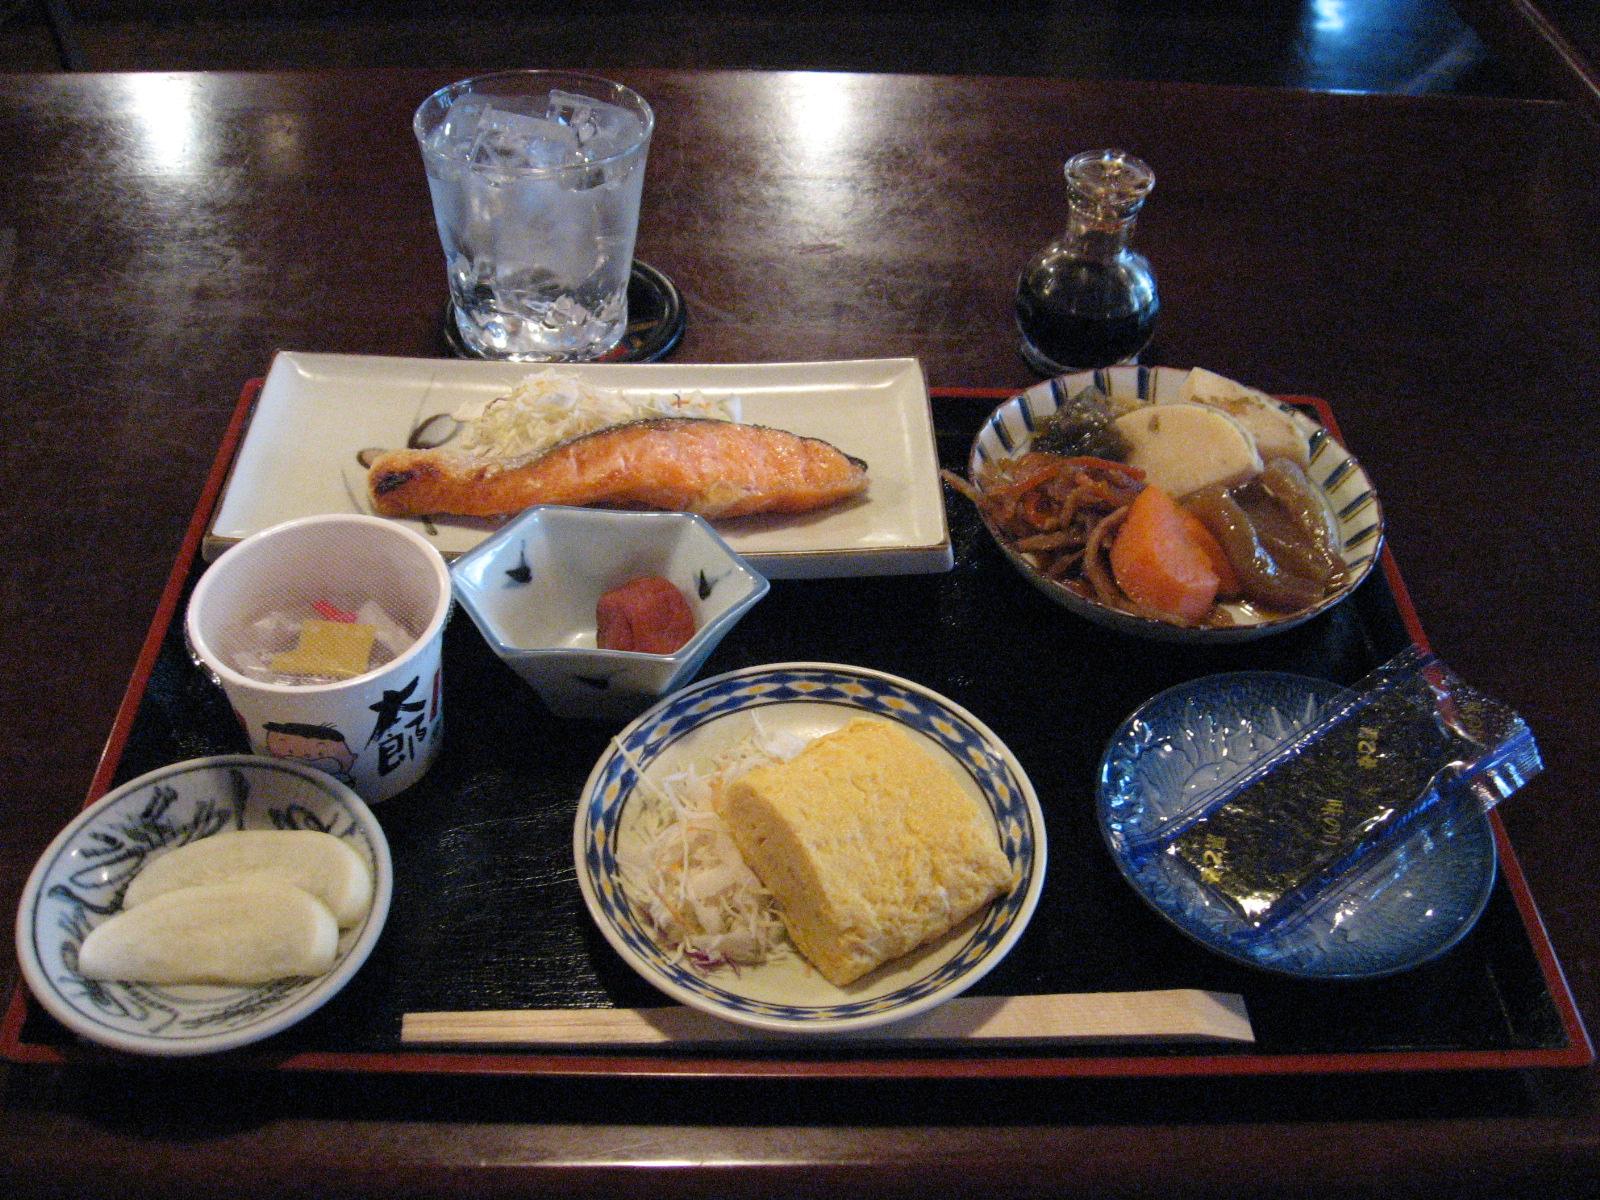 「プチホテル アイビー 朝食」の画像検索結果